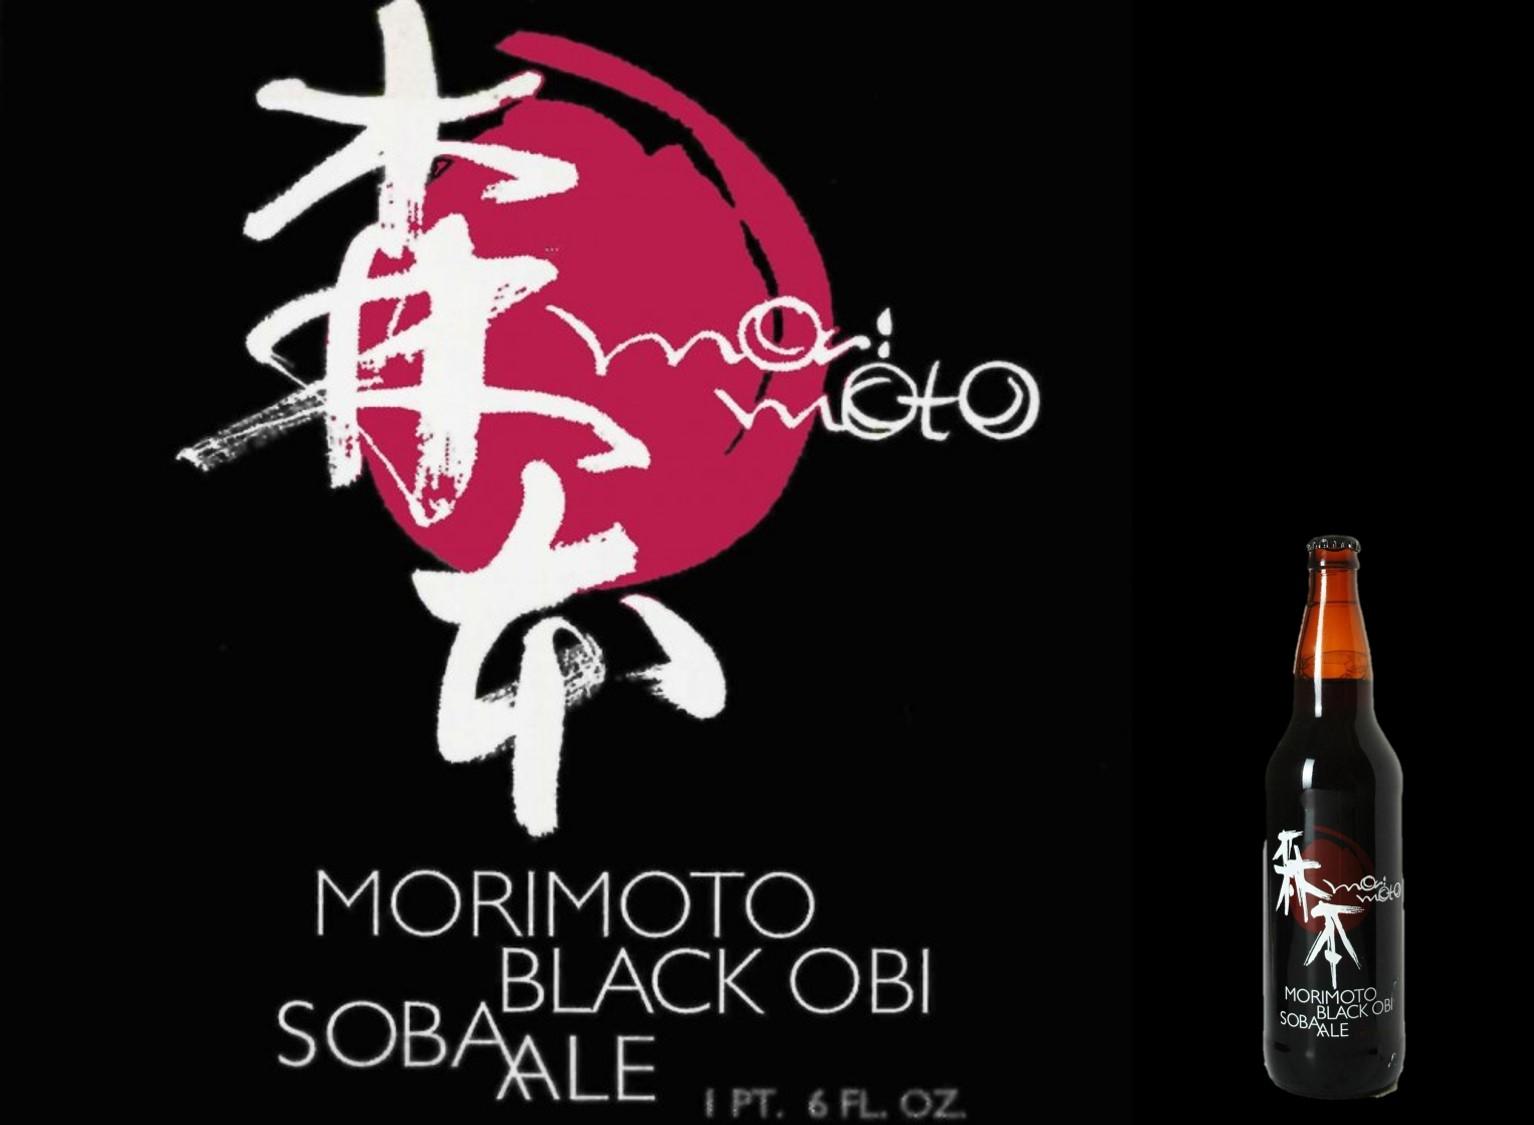 Black Obi SOba Ale